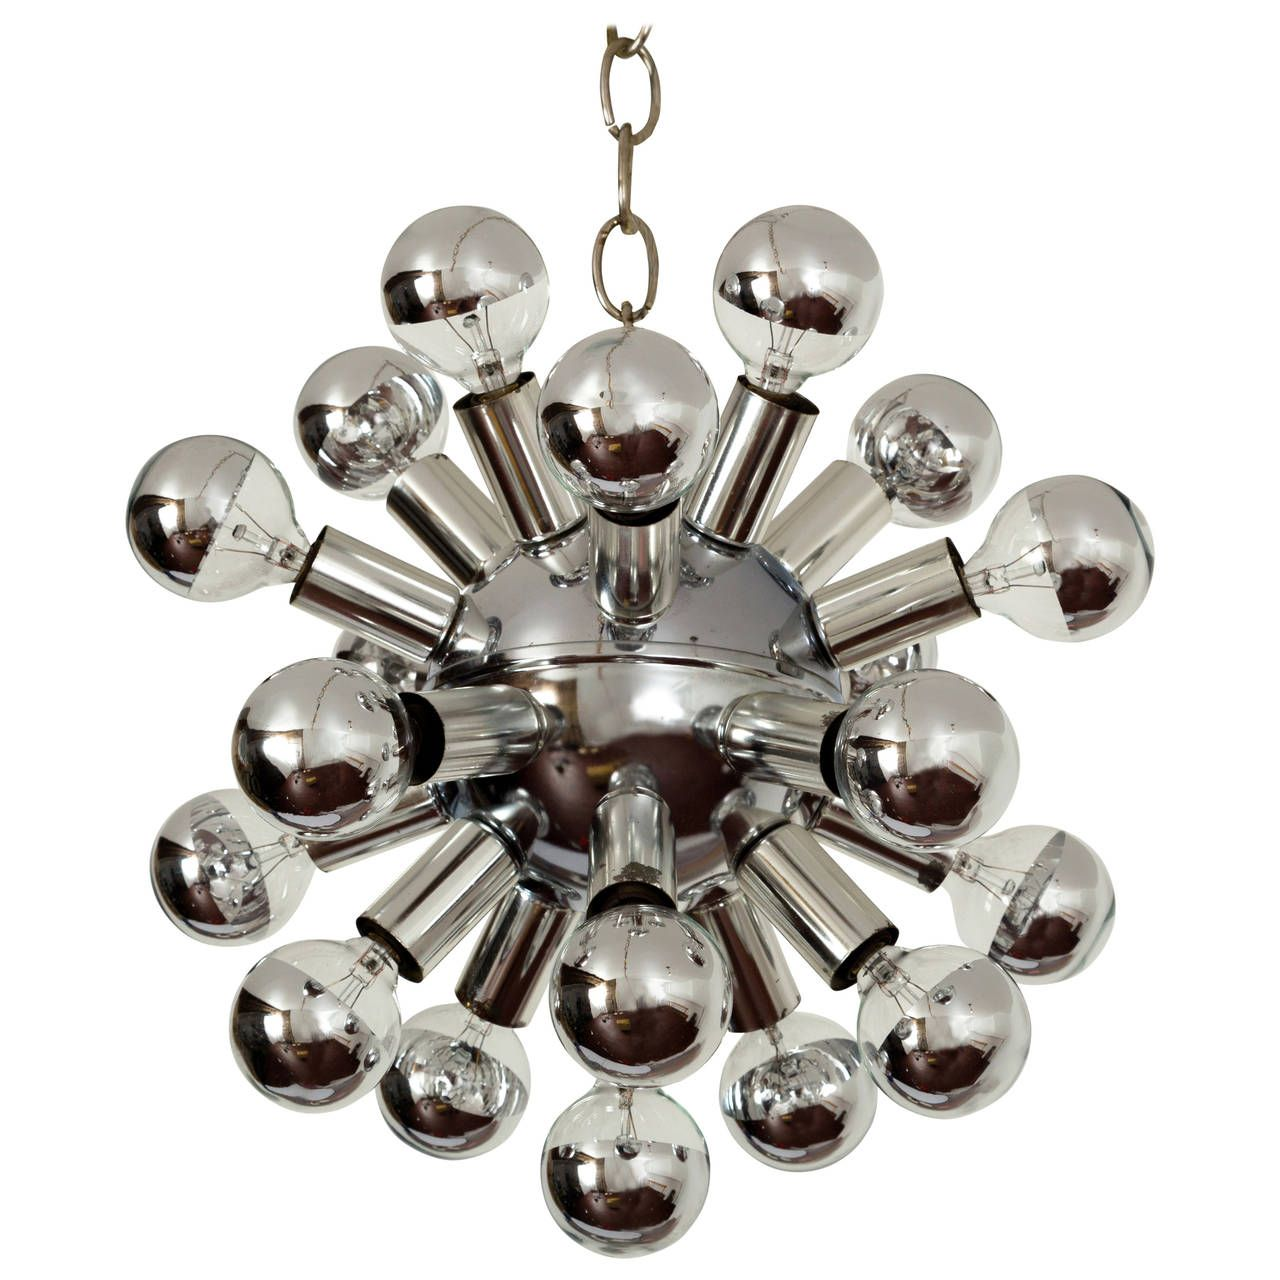 Small sputnik chandelier light fixture in polished chrome 1960s small sputnik chandelier light fixture in polished chrome 1960s arubaitofo Images